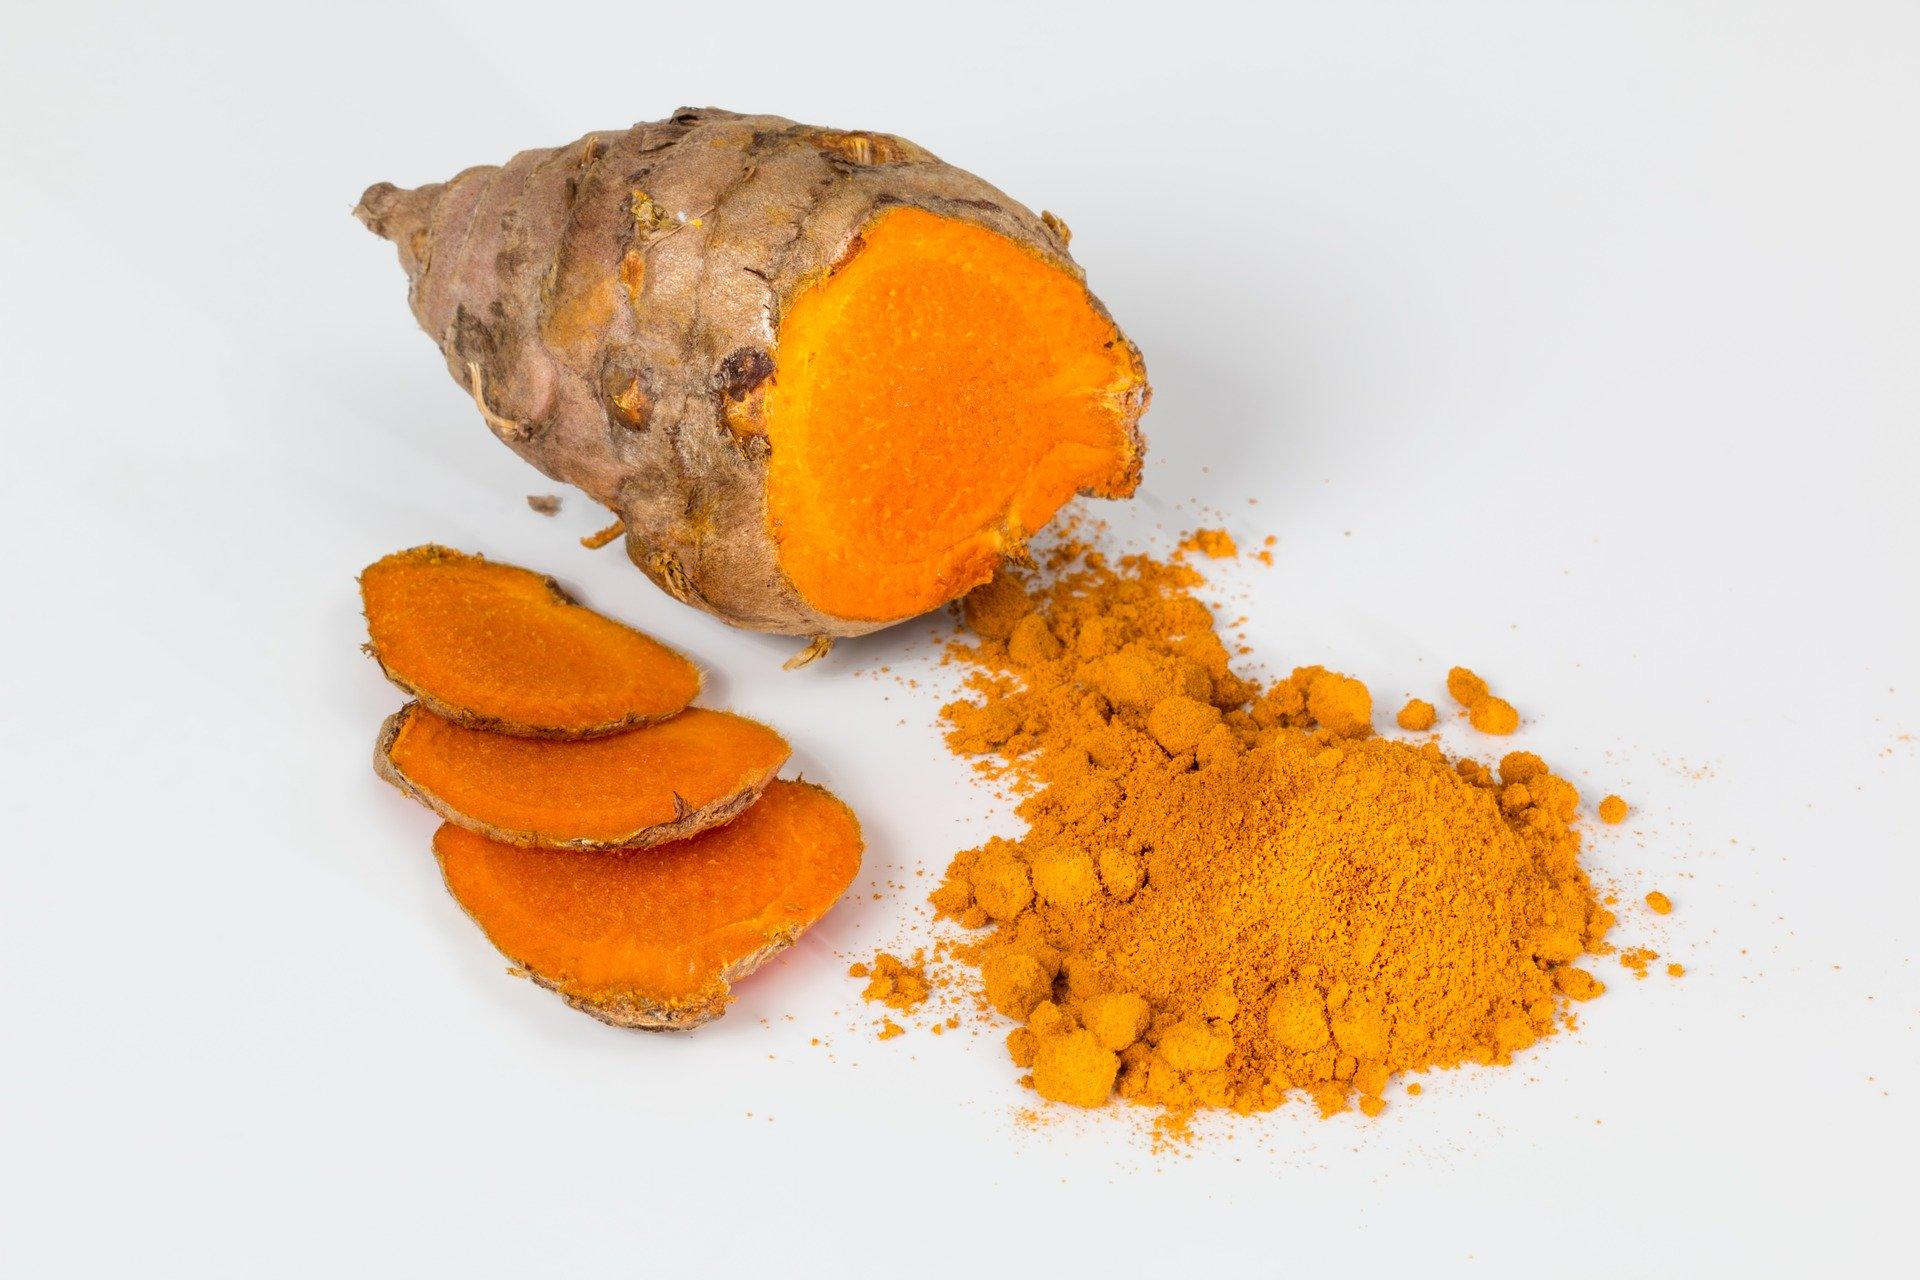 Turmeric as Immune Booster Food